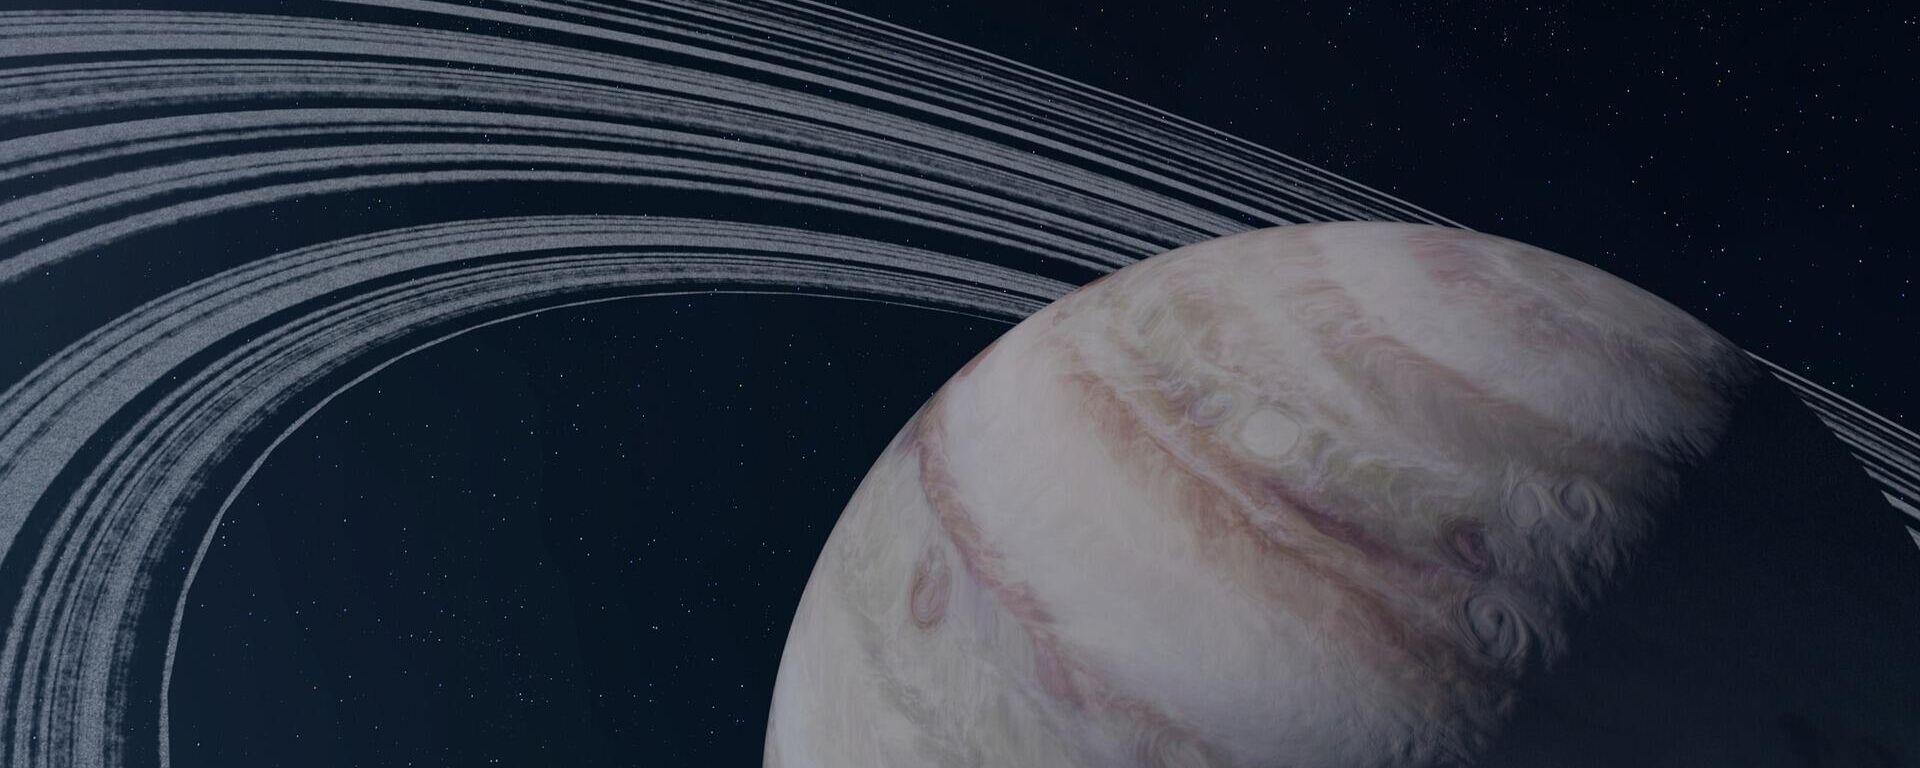 El planeta Venus (ilustración) - Sputnik Mundo, 1920, 02.08.2021